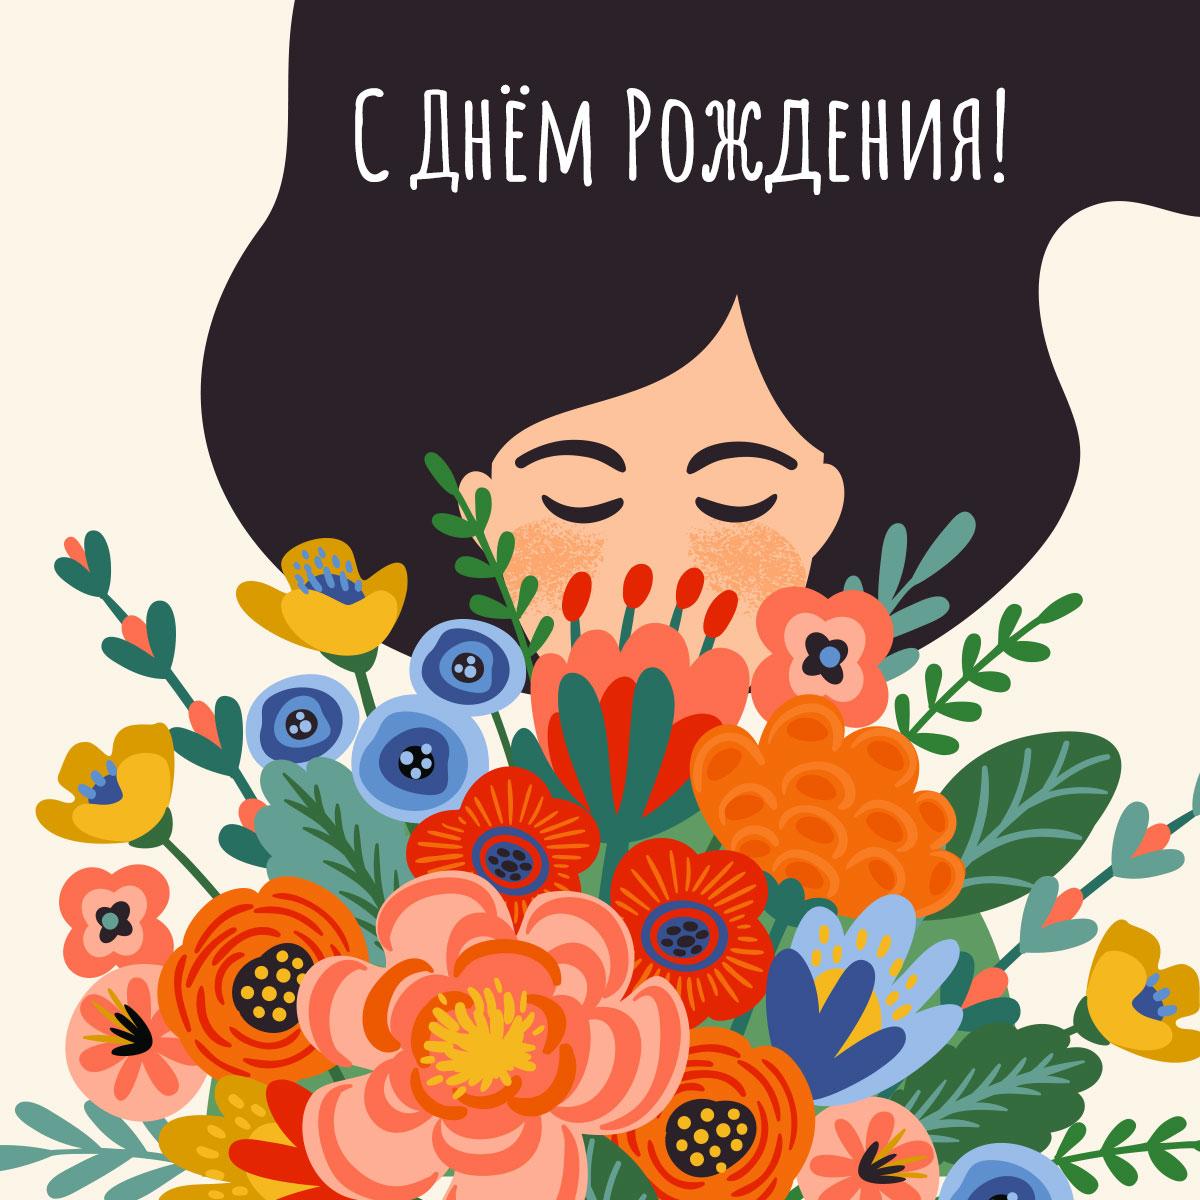 Картинка открытка с др: рисунок женщины с черными волосами с букетом разноцветных цветов.